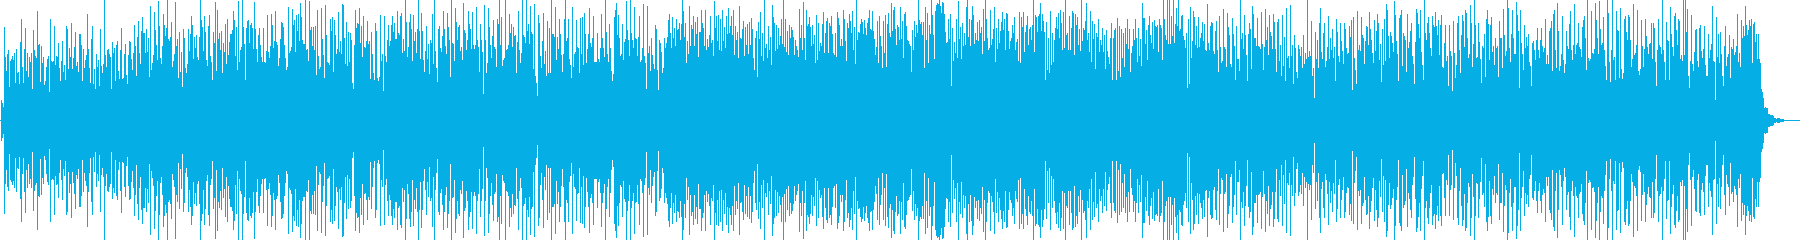 秋の日差しをキャッチしたいジャズファンクの再生済みの波形